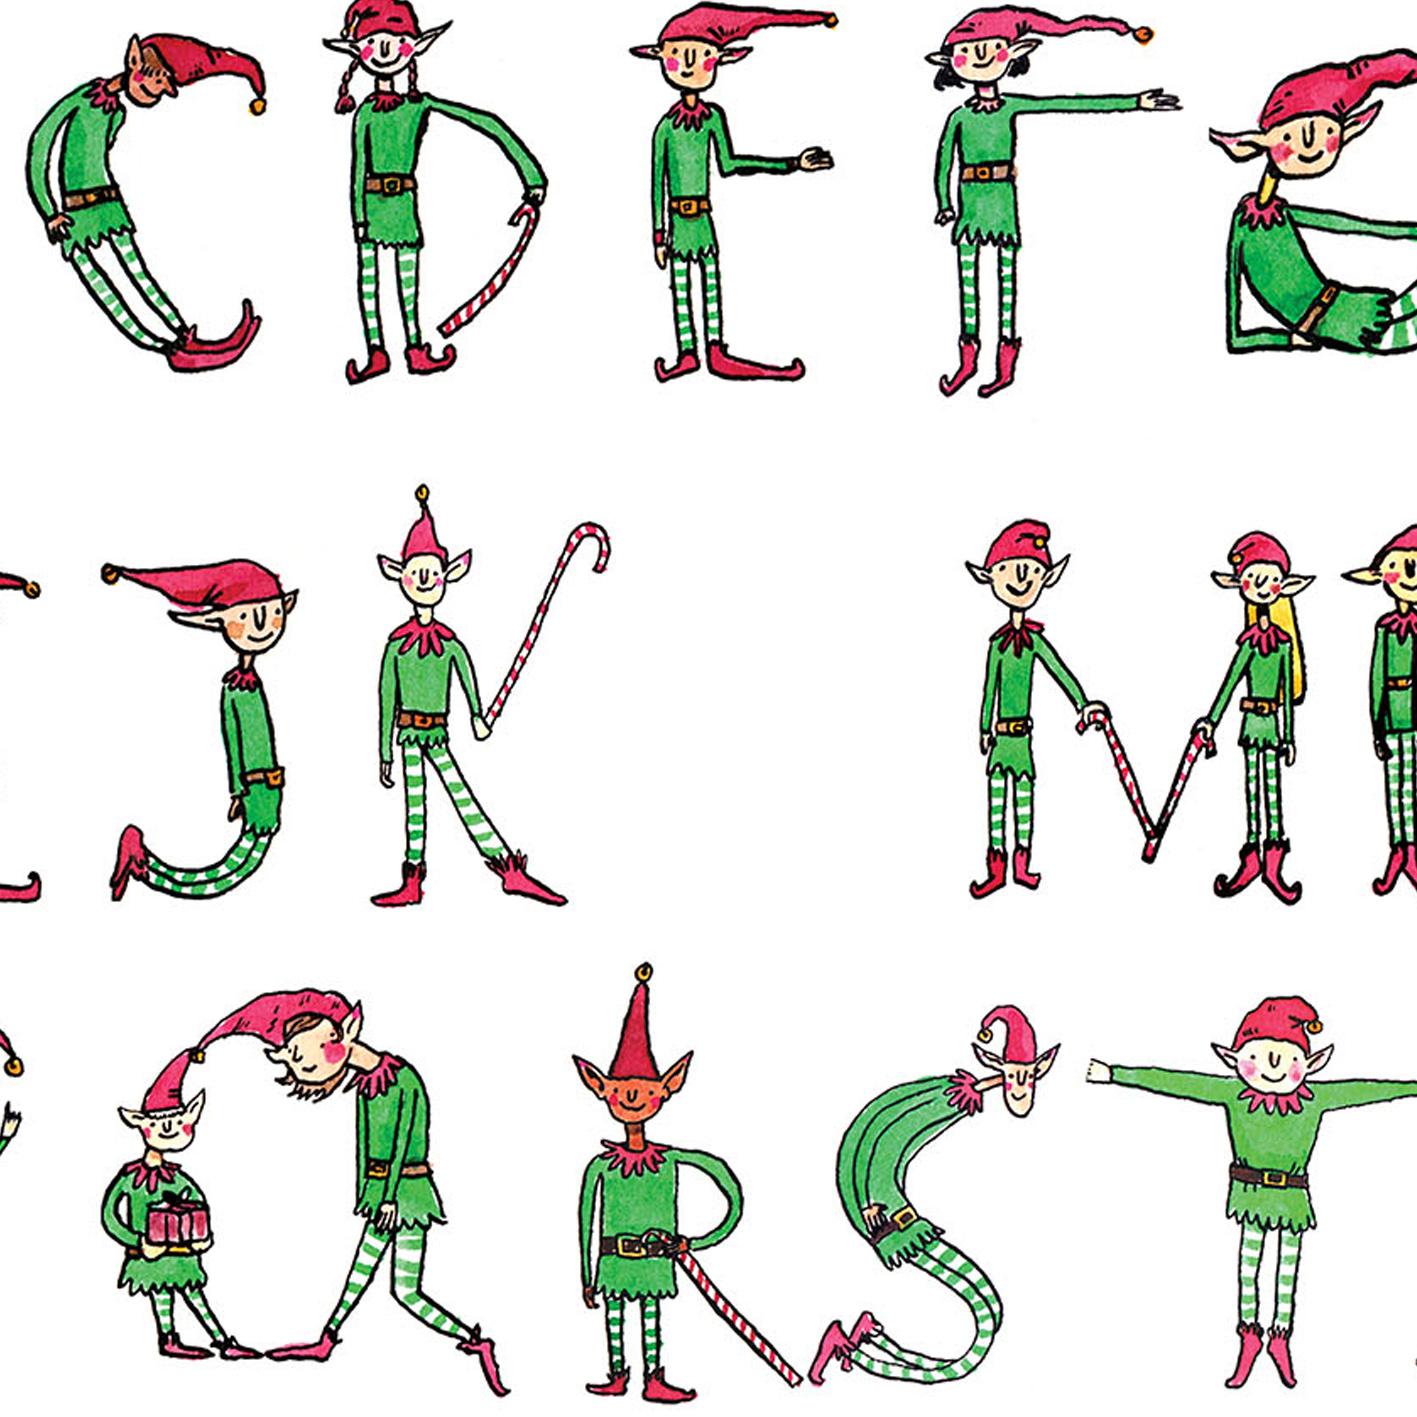 Noel-Elfabet_Santas-elves-Christmas-card-CH10_CU